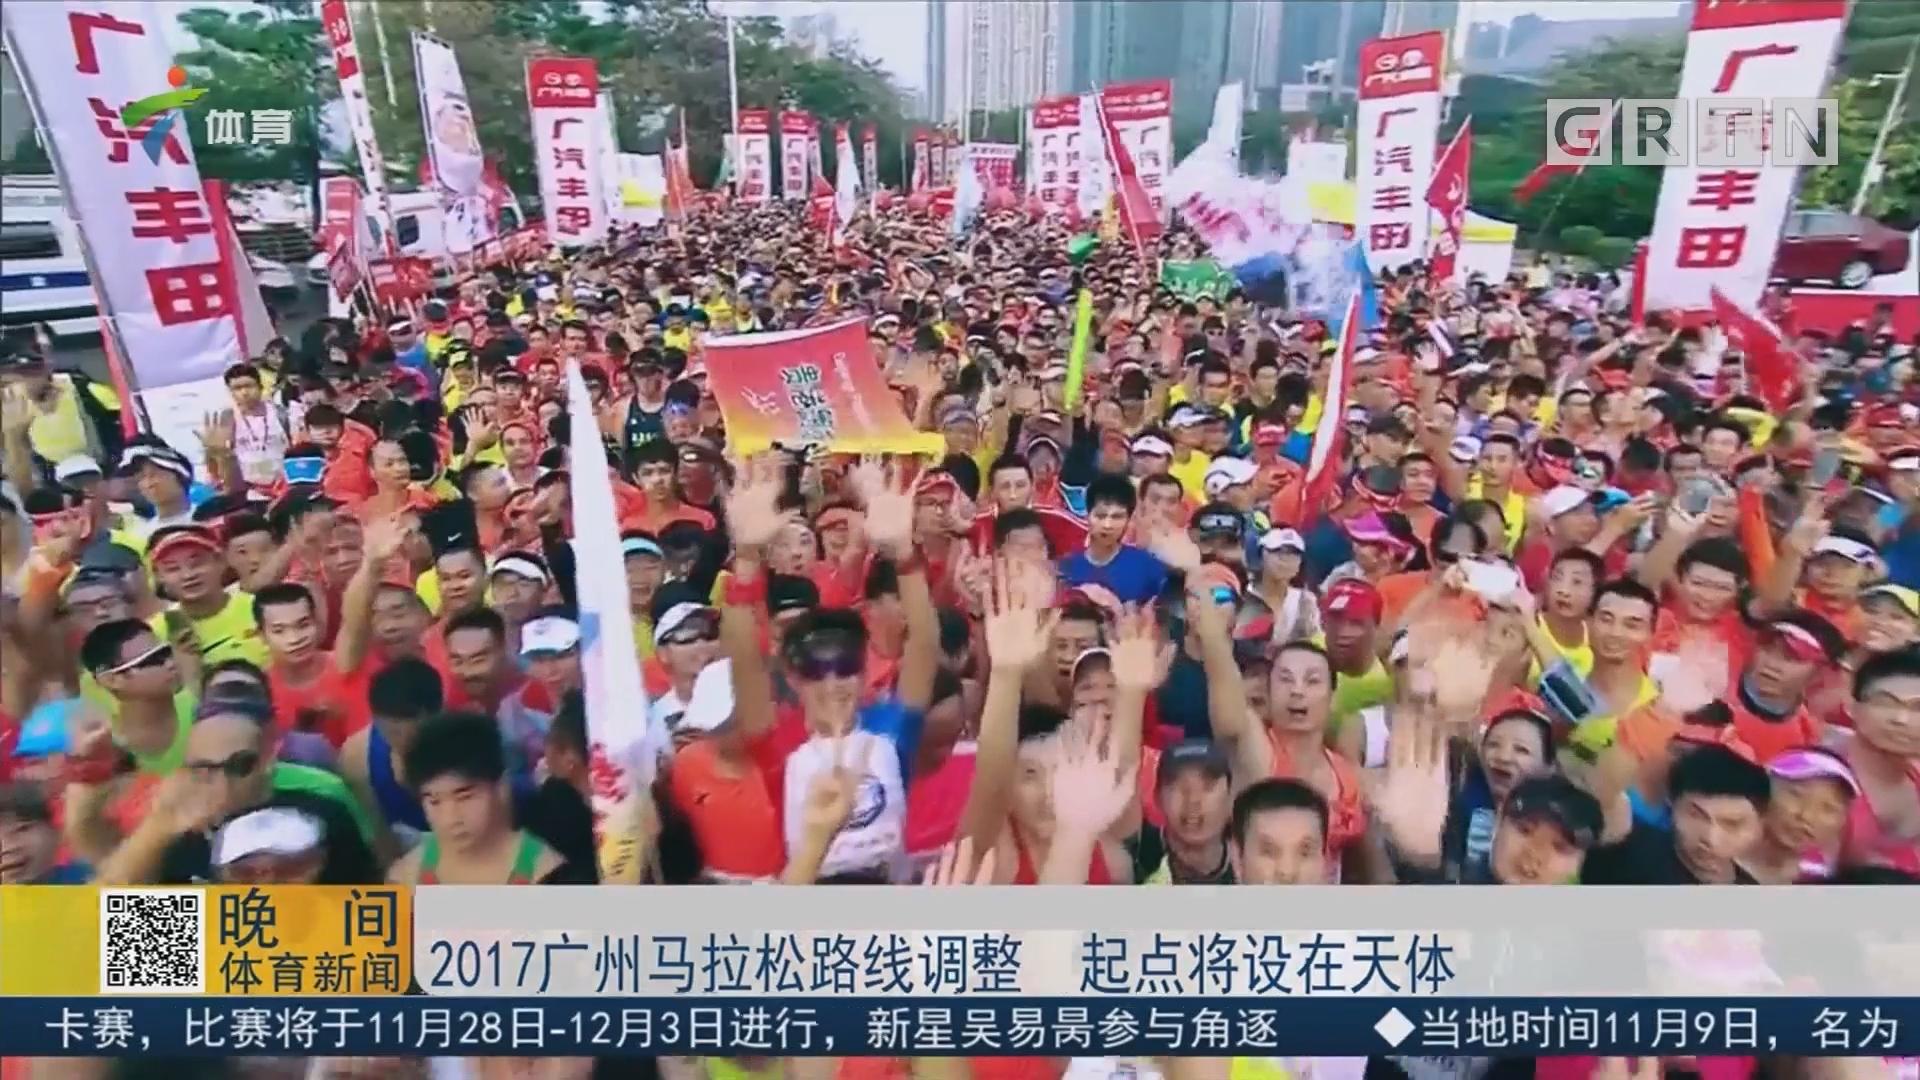 2017广州马拉松路线调整 起点将设在天体